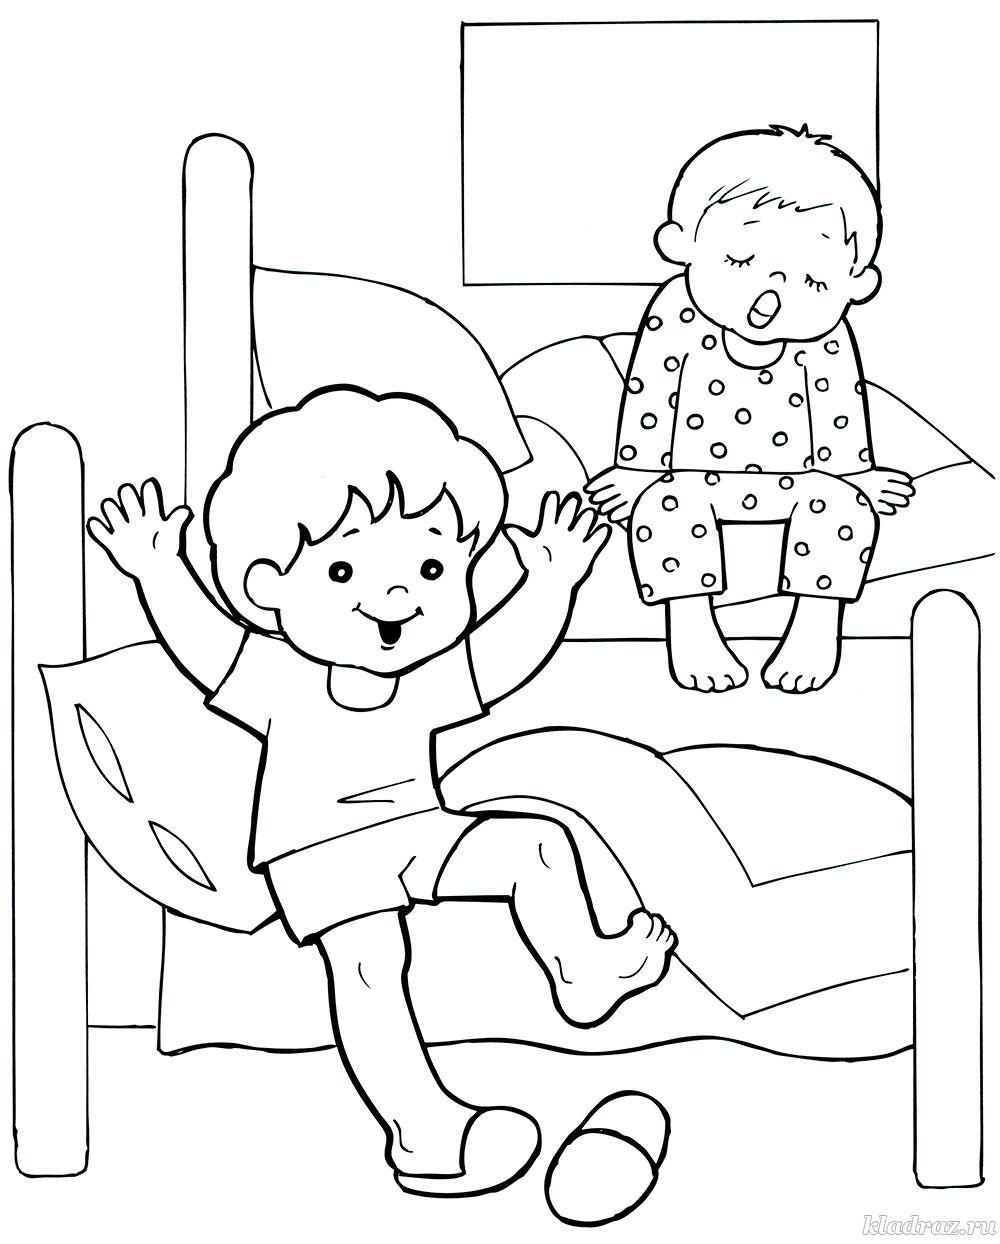 Рисунок в садик здоровый образ жизни | Мой детский сад